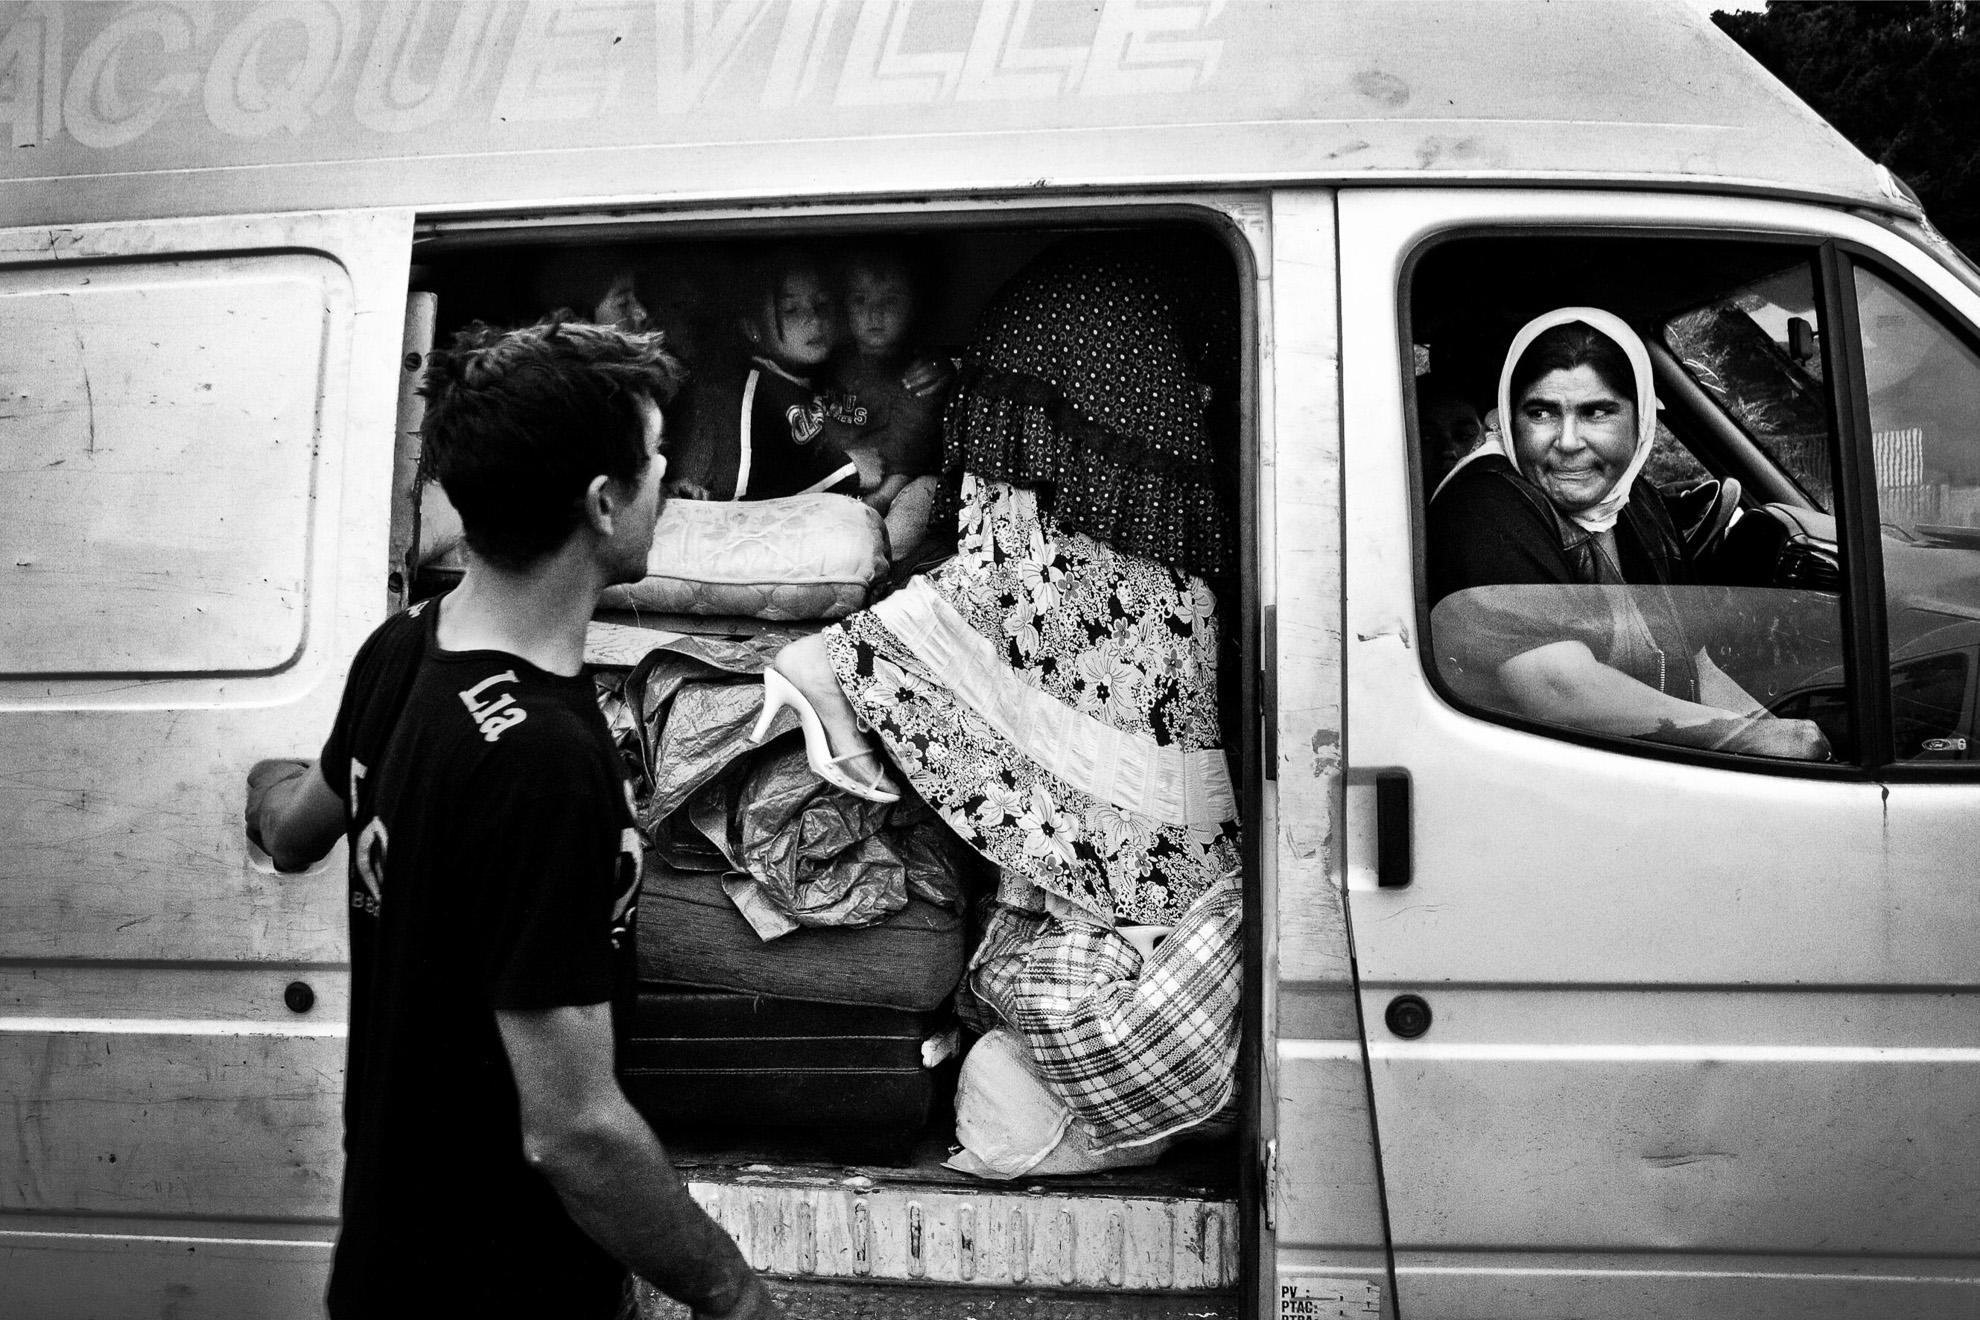 Dos familias romanís abandonan su campamento para regresar a Rumanía antes de que la policía los expulse. Horas antes, los interceptó la policía en la calle y les preguntaron dónde estaban residiendo. Tienen miedo de que les fichen y ya no puedan regresar a Francia. En la furgoneta viajan 11 personas, 4 adultos y 7 niños. En la foto un hombre despide a su familia. Él se queda para acabar de vender la chatarra que queda en el campamento.